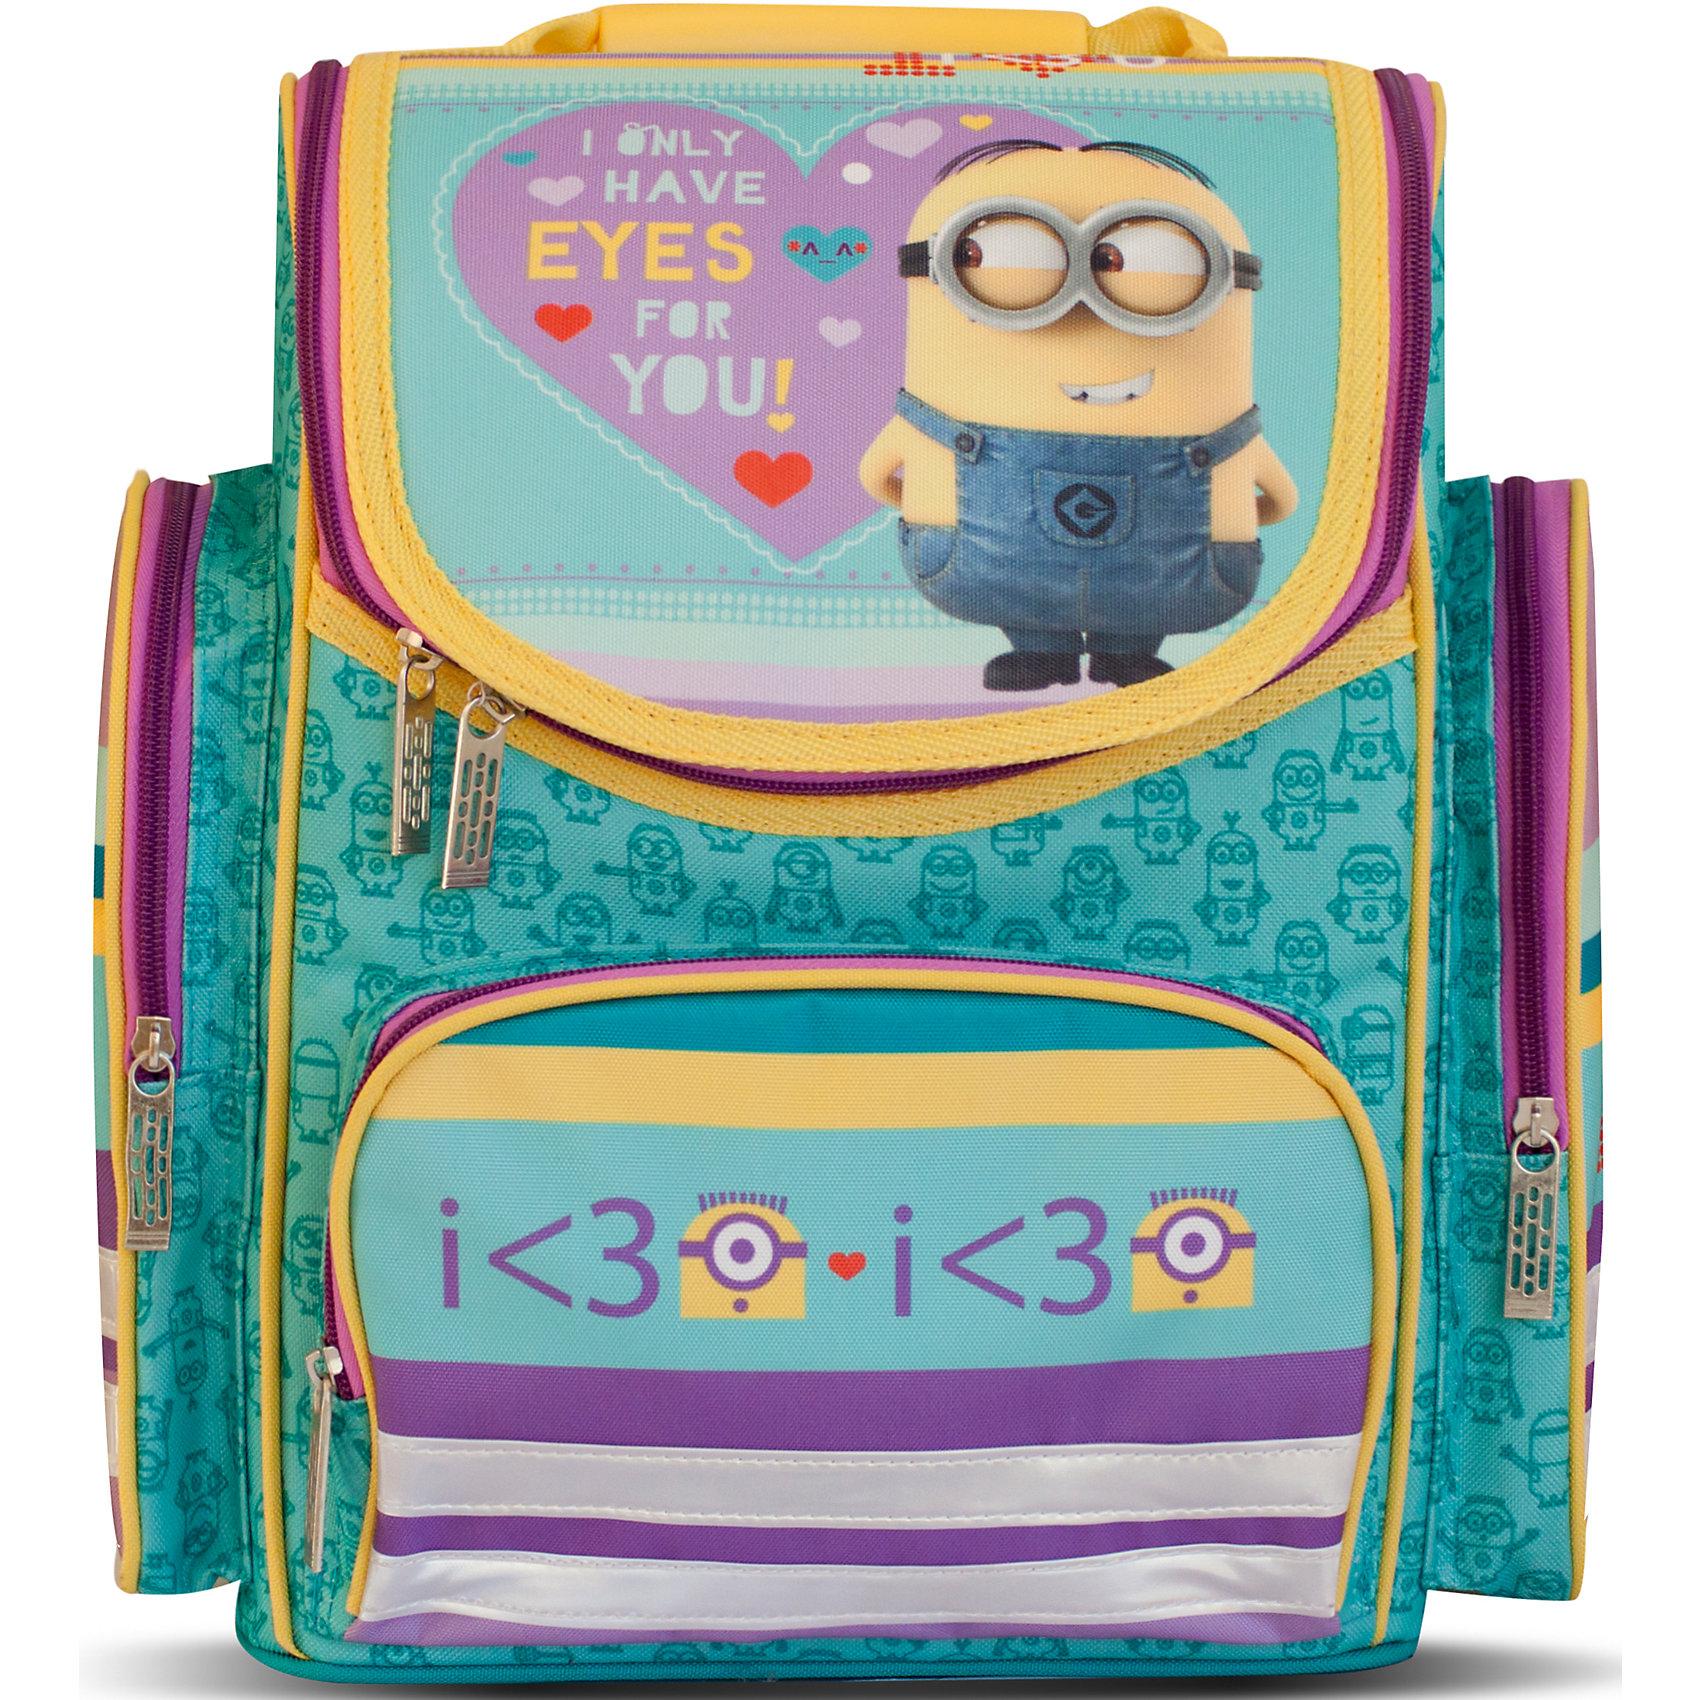 Ортопедический средний рюкзак Love, МиньоныОртопедический средний рюкзак «Гадкий Я» идеален для учебы в школе. Он имеет одно основное отделение на молнии, подходящее для формата А4, с двумя отсеками для тетрадей и прозрачным кармашком для личной карточки. Спереди находится карман на молнии, вмещающий пенал, а по бокам – два кармана на молнии высотой 24 см. Удобная ортопедическая спинка, созданная по специальной технологии из дышащего плотного и мягкого поролона, равномерно распределяет нагрузку на позвоночник. Мягкие анатомические регулируемые лямки оберегают плечи ребенка от натирания. Светоотражающие элементы, расположенные на лямках и лицевом кармане, повышают безопасность ребенка на дороге в темное время суток. Пластиковая ручка удобна для переноски рюкзака в руке или размещения на вешалке. <br>Аксессуар декорирован модным принтом (сублимированной печатью). <br><br>Дополнительная информация:<br><br>Размер: 31х29х15 см.<br>Вес: 820 г.<br><br>Ортопедический средний рюкзак Love, Миньоны можно купить в нашем магазине.<br><br>Ширина мм: 350<br>Глубина мм: 290<br>Высота мм: 180<br>Вес г: 820<br>Возраст от месяцев: 36<br>Возраст до месяцев: 120<br>Пол: Женский<br>Возраст: Детский<br>SKU: 4646738